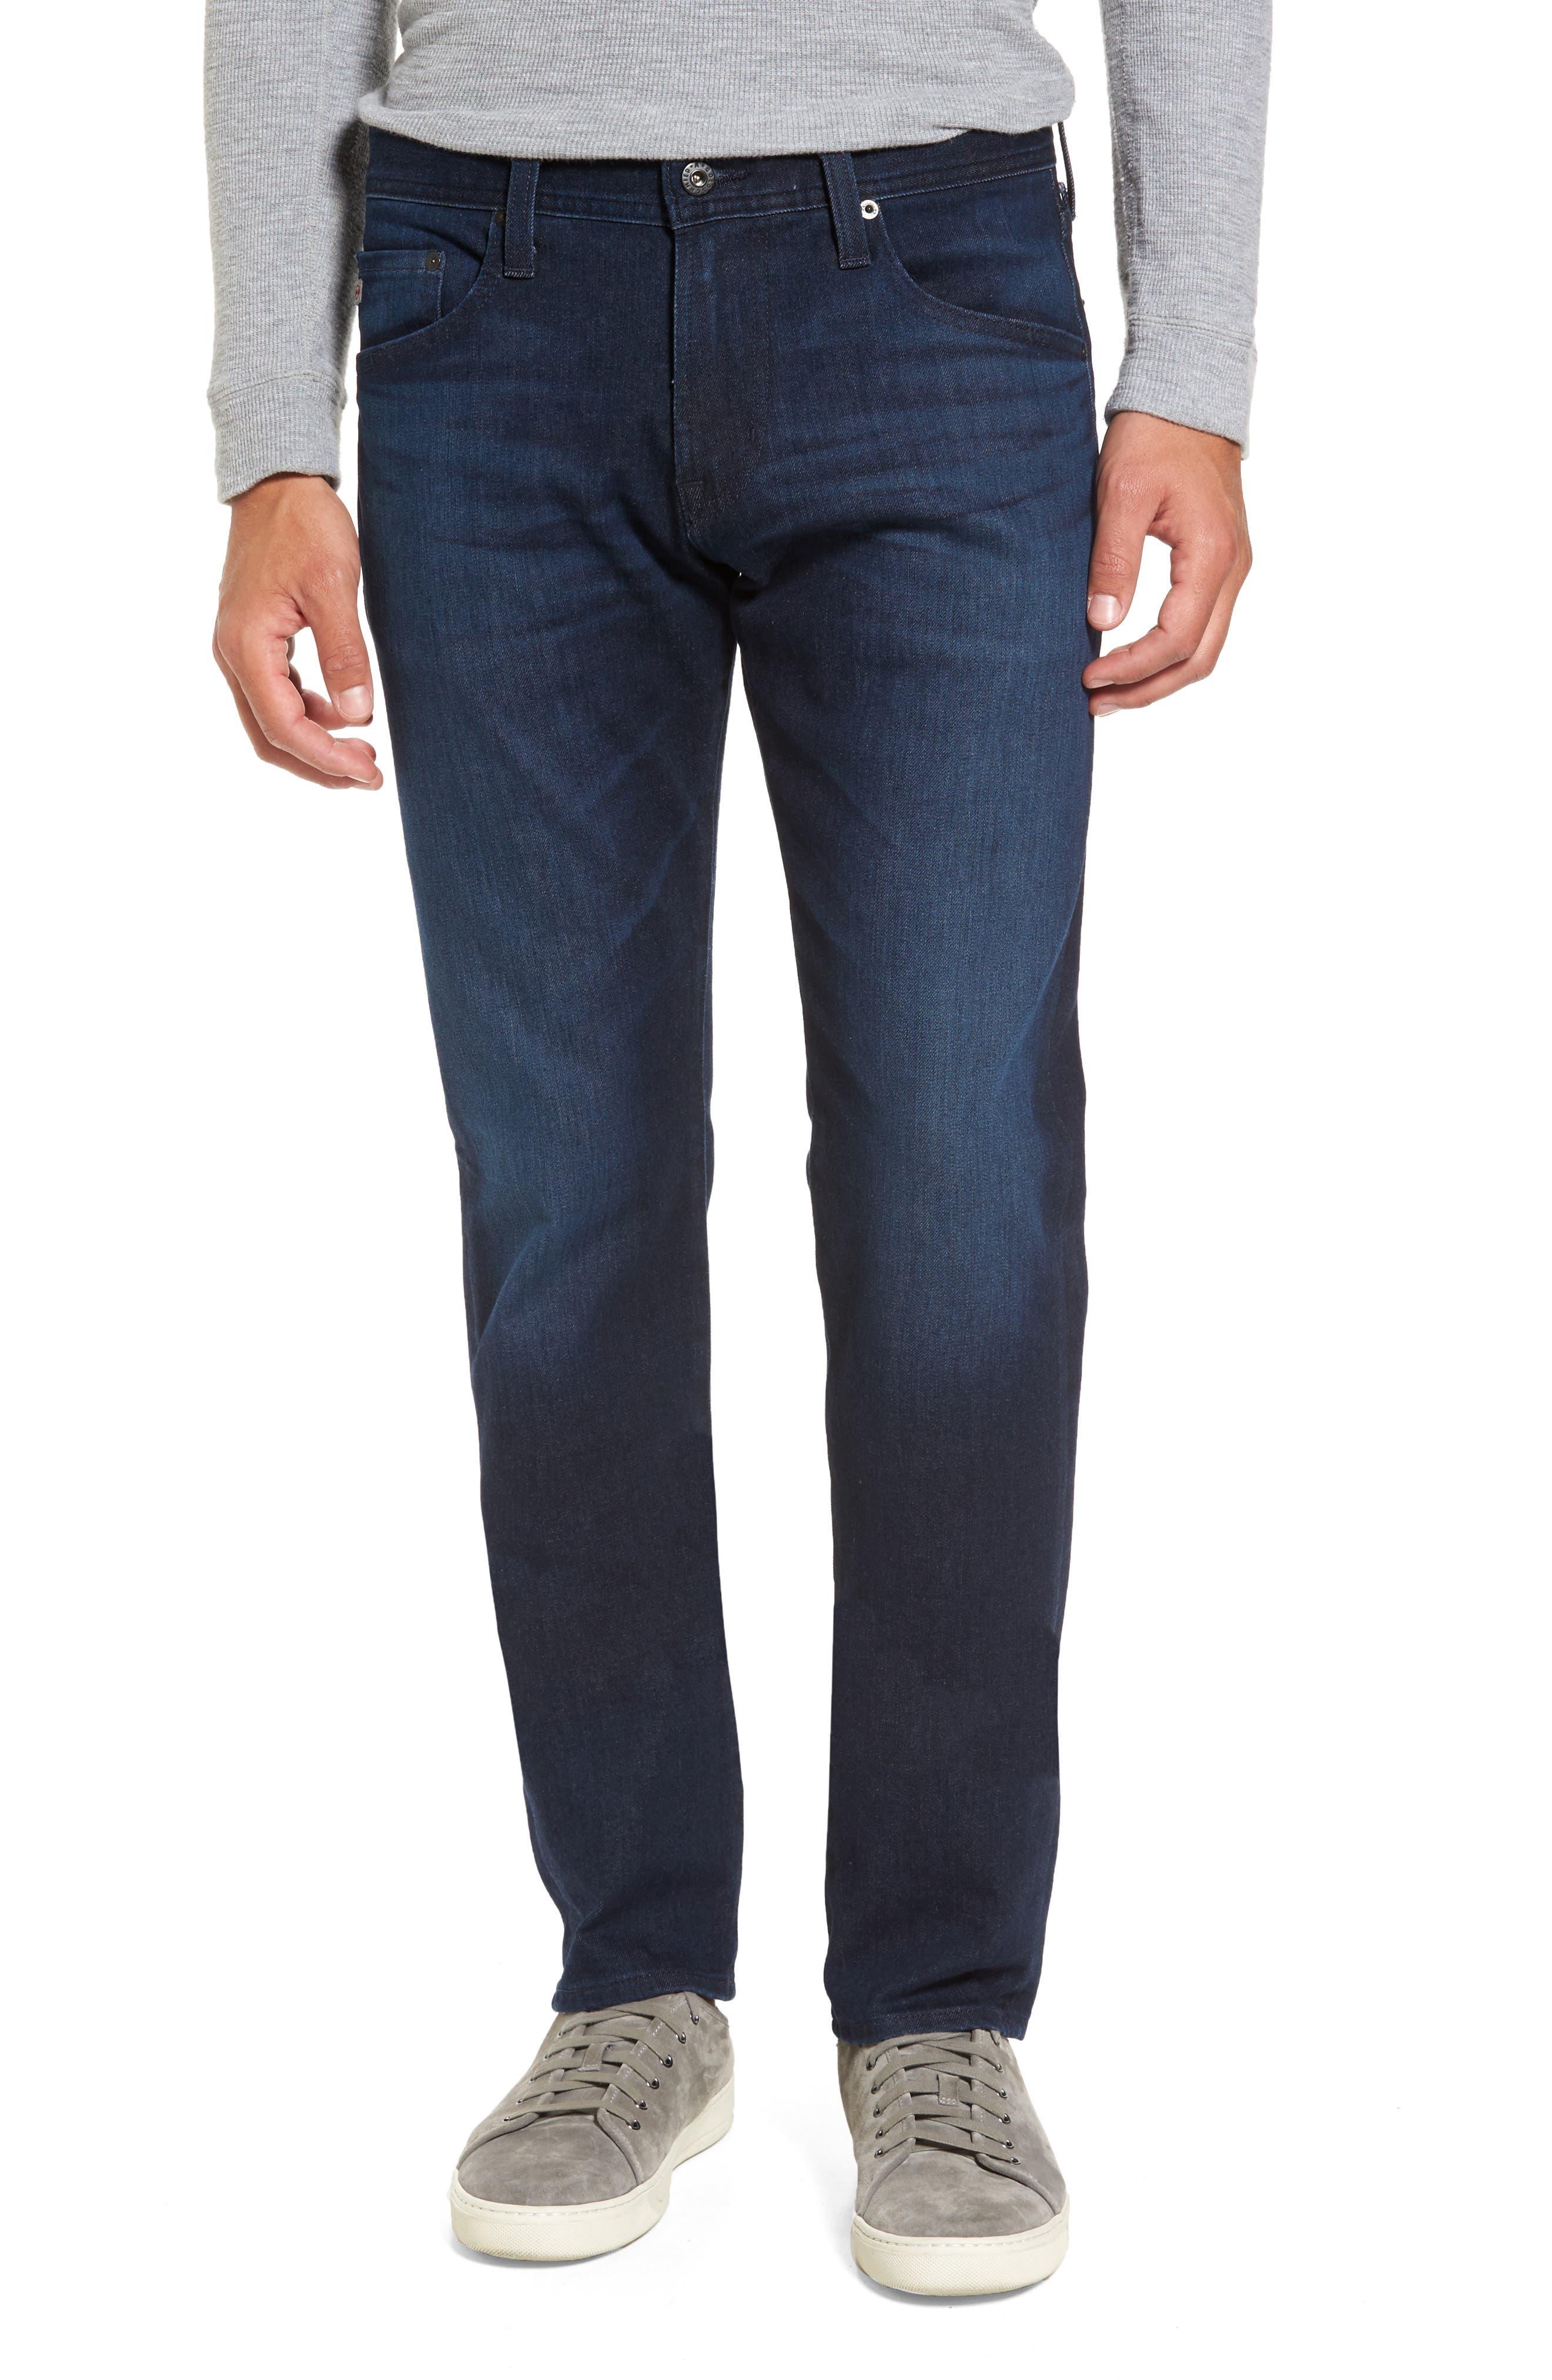 Tellis Slim Leg Jeans,                             Main thumbnail 1, color,                             Vibe